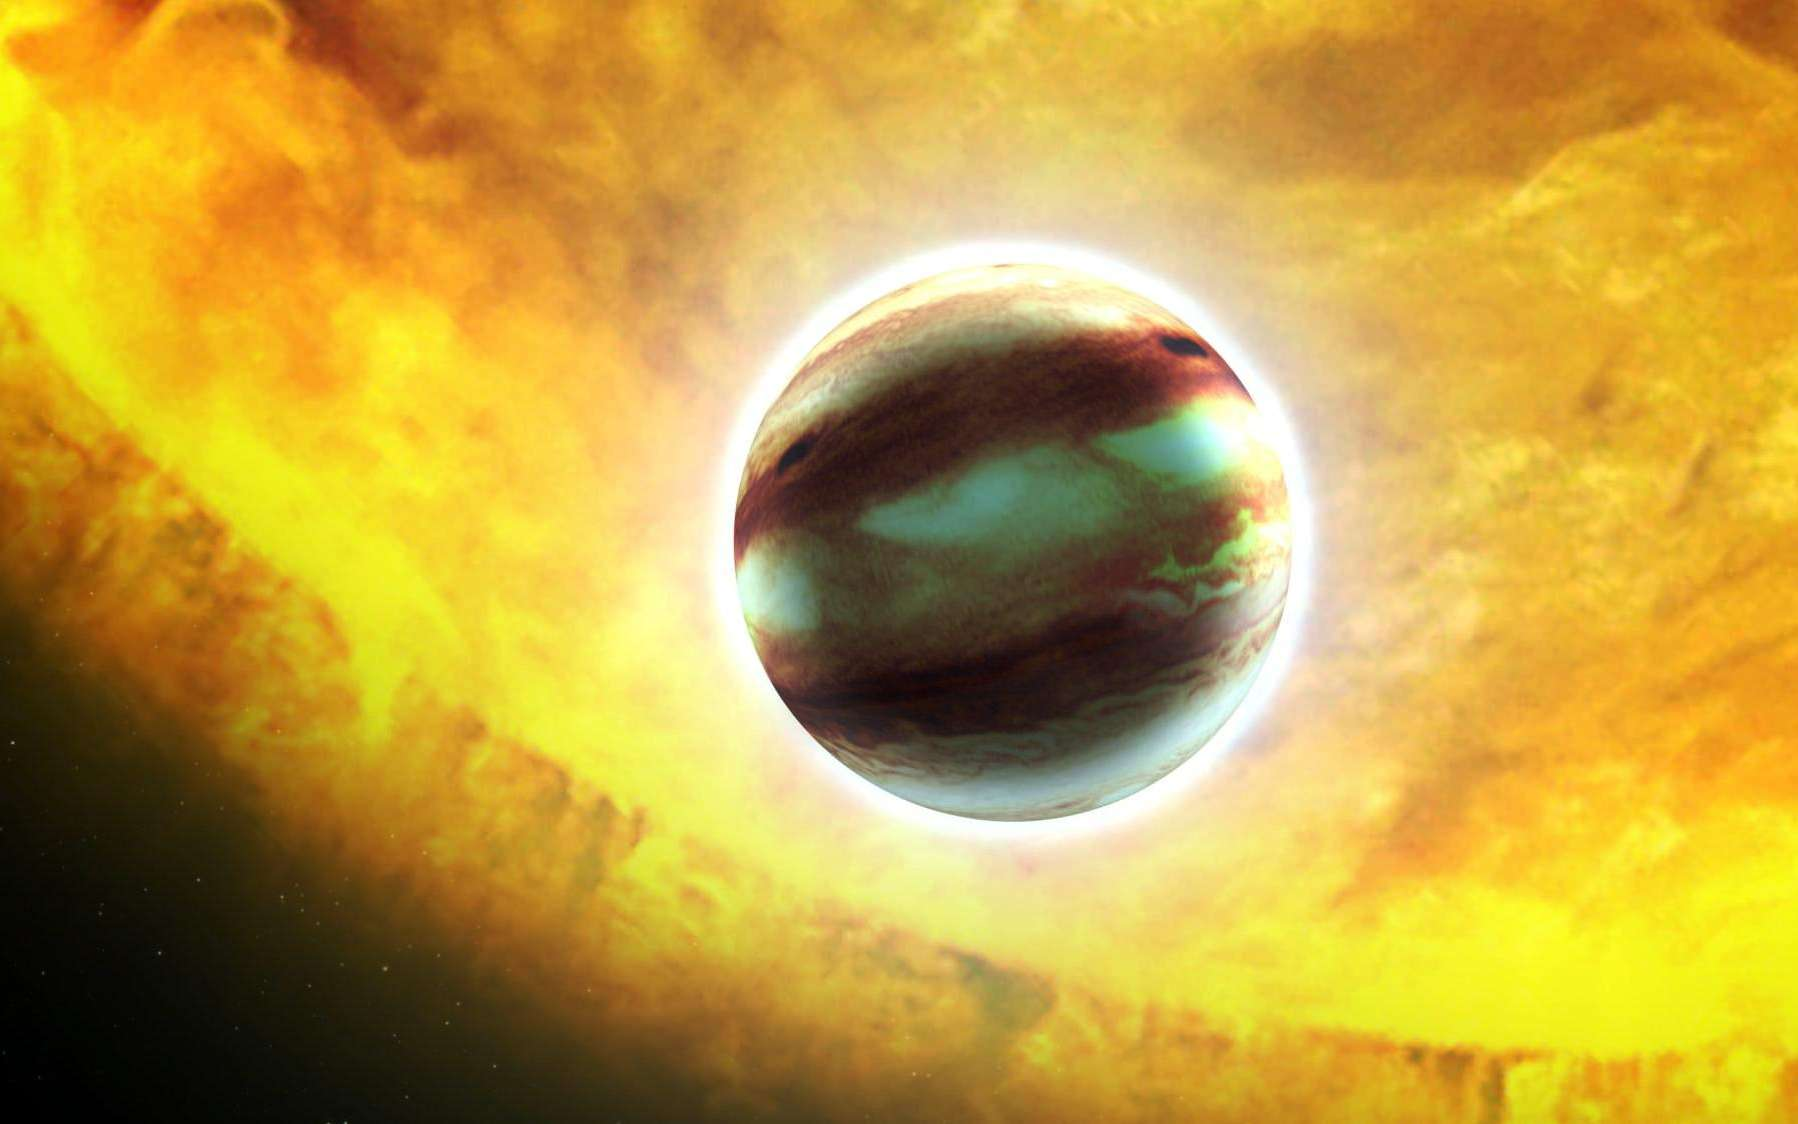 Une vue d'artiste du transit de l'exoplanète HAT-P-7b située à environ 1.044 années-lumière de la Terre. Son diamètre est estimé à 1,4 fois celui de Jupiter. © Nasa, ESA, G. Bacon (STScI)